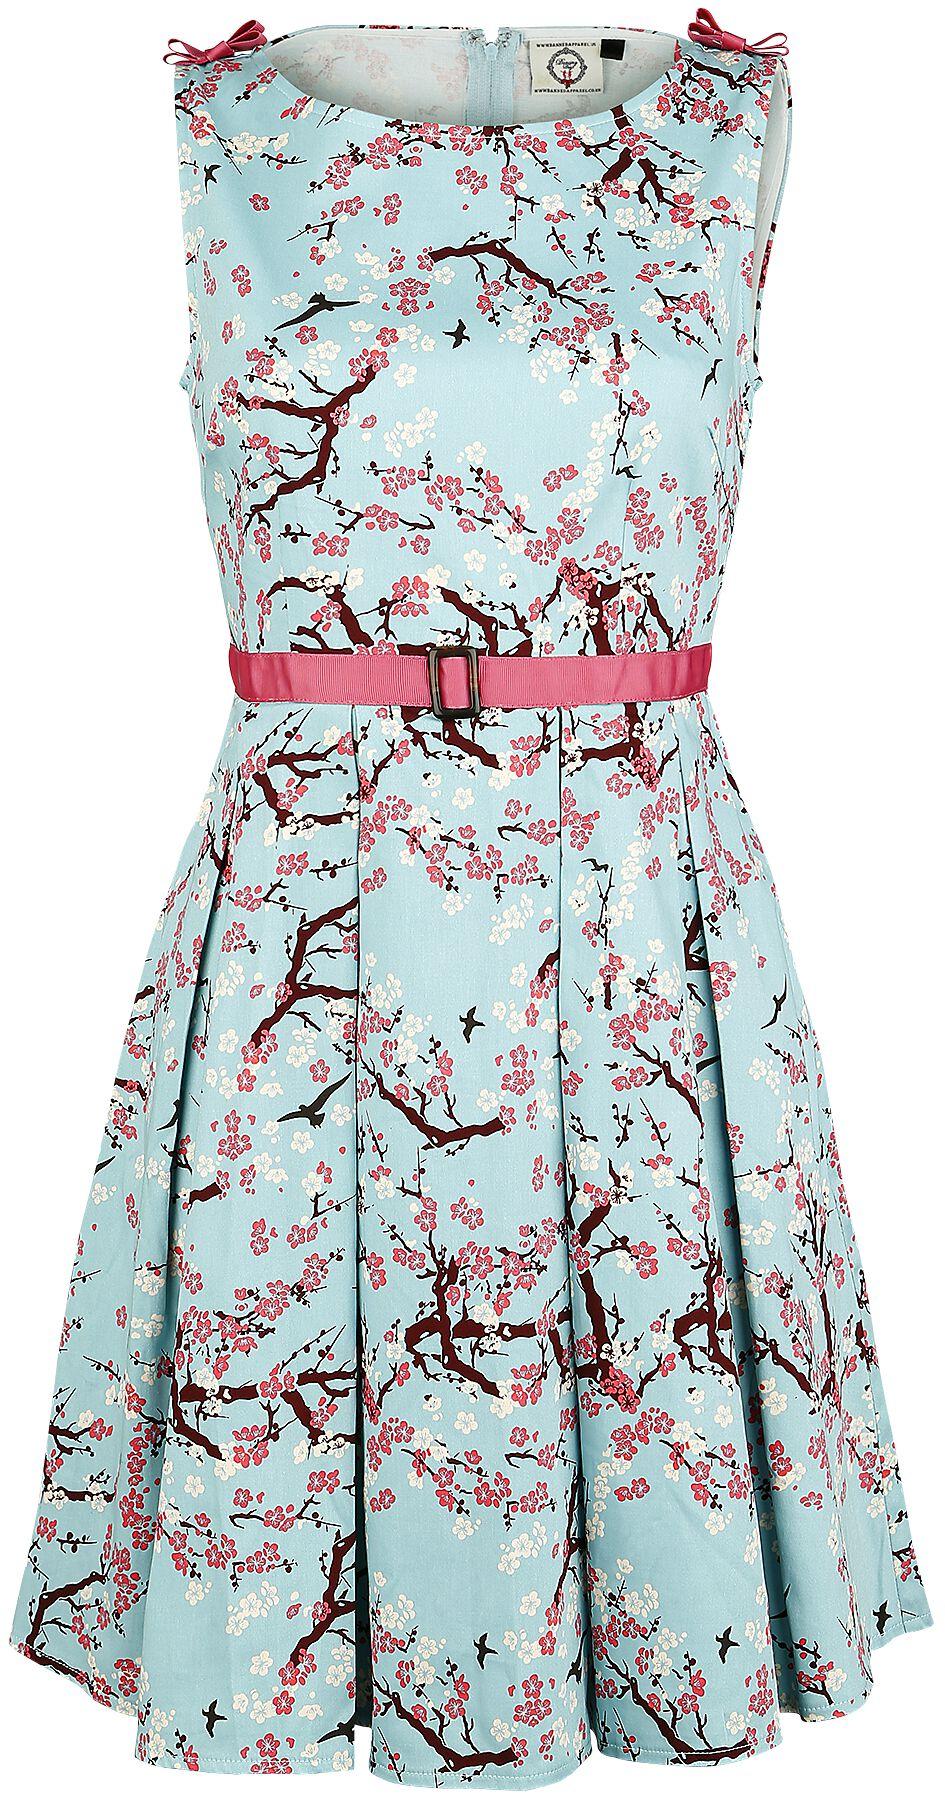 Image of   Banned Oriental Blossom Kjole lys blå-hvid-sort